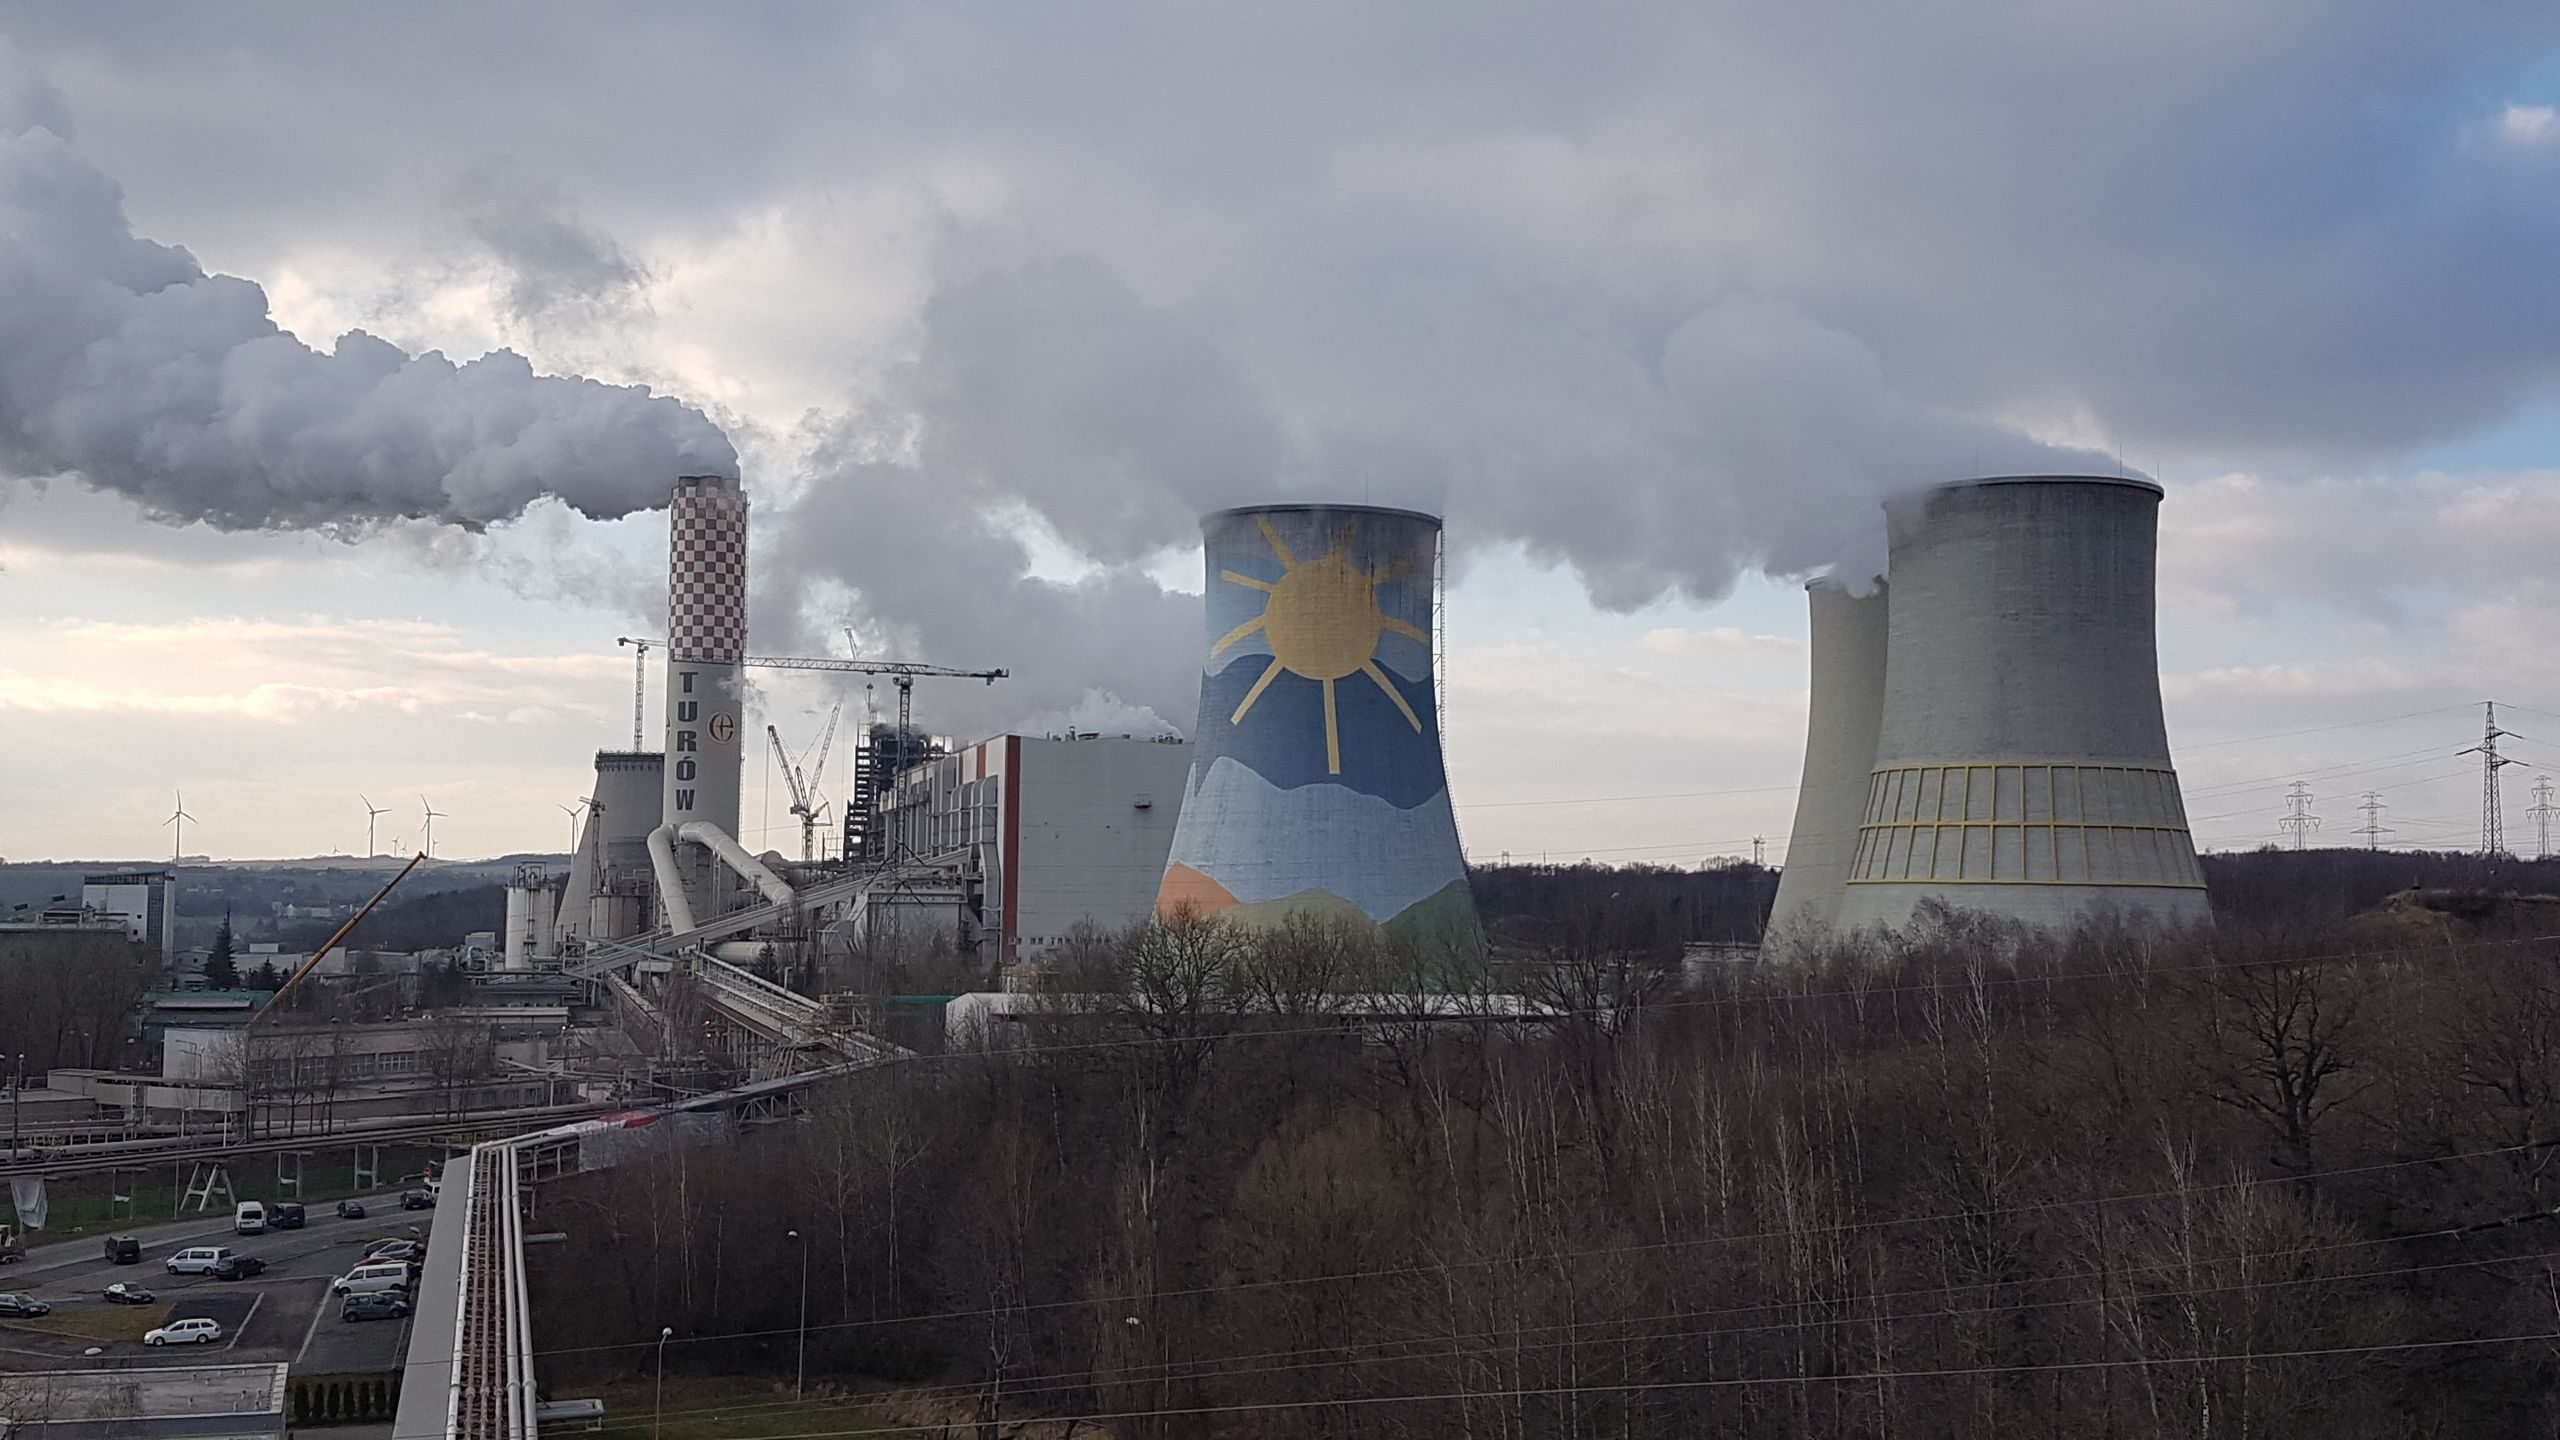 Elektrownia Turów, Przemiałownia - Bogatynia 2018